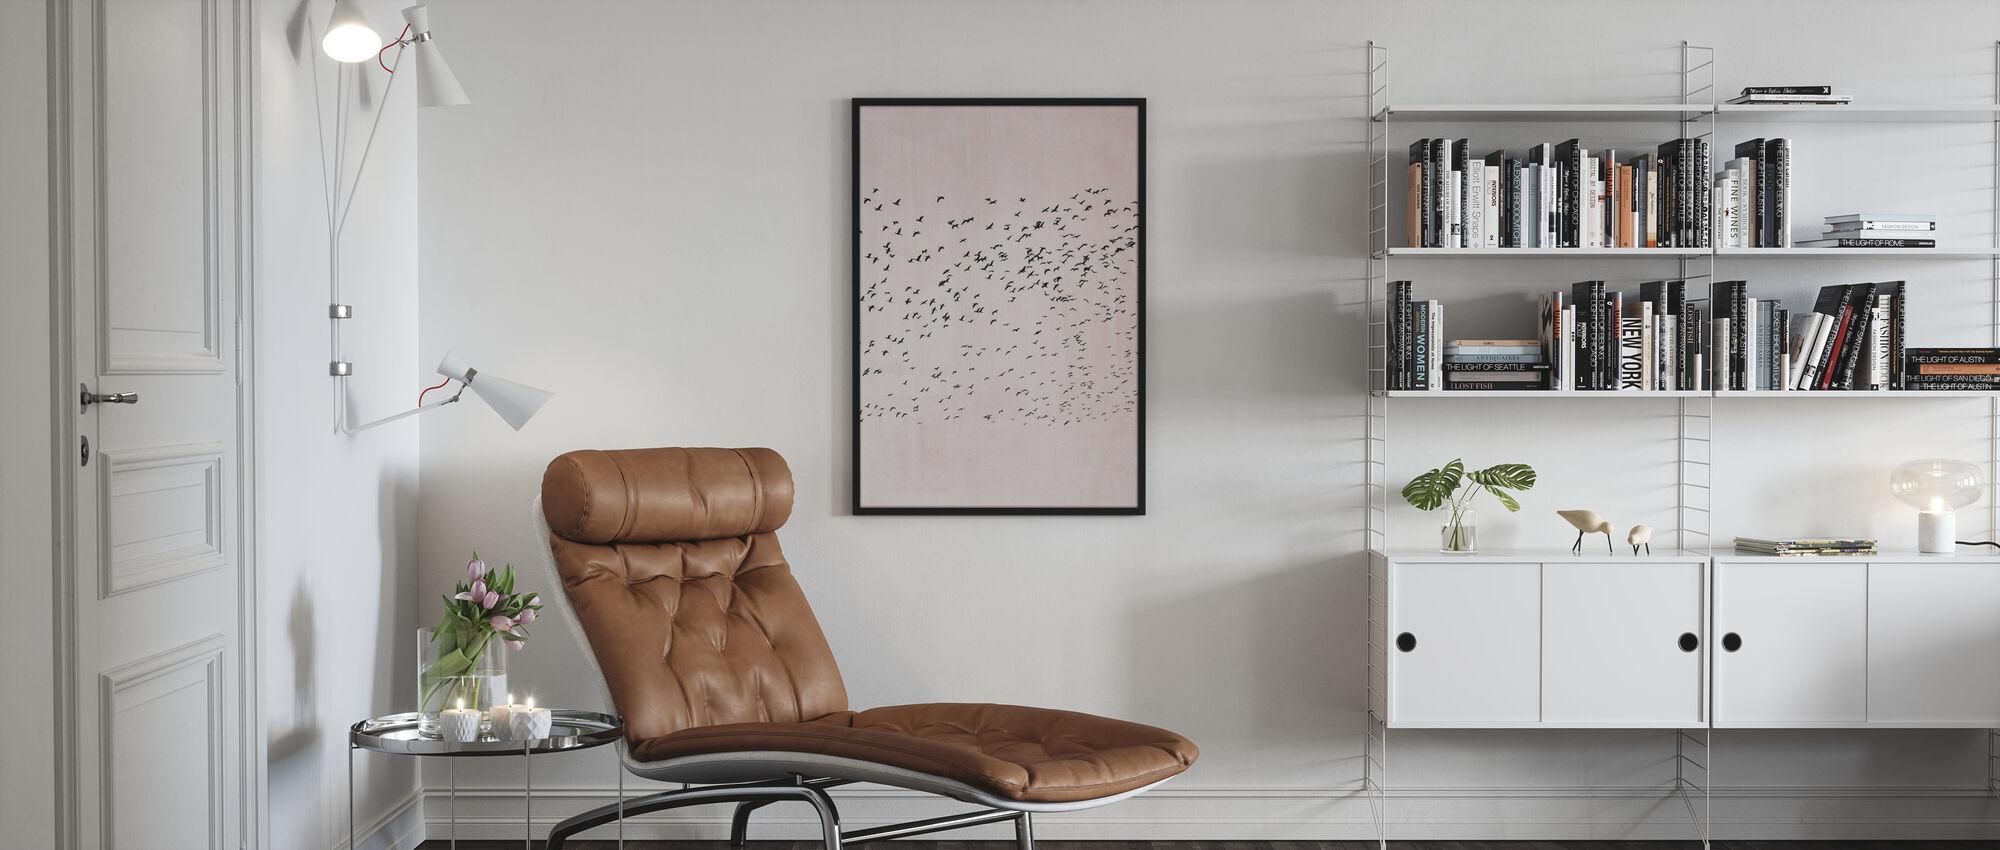 Verhuizen - Ingelijste print - Woonkamer